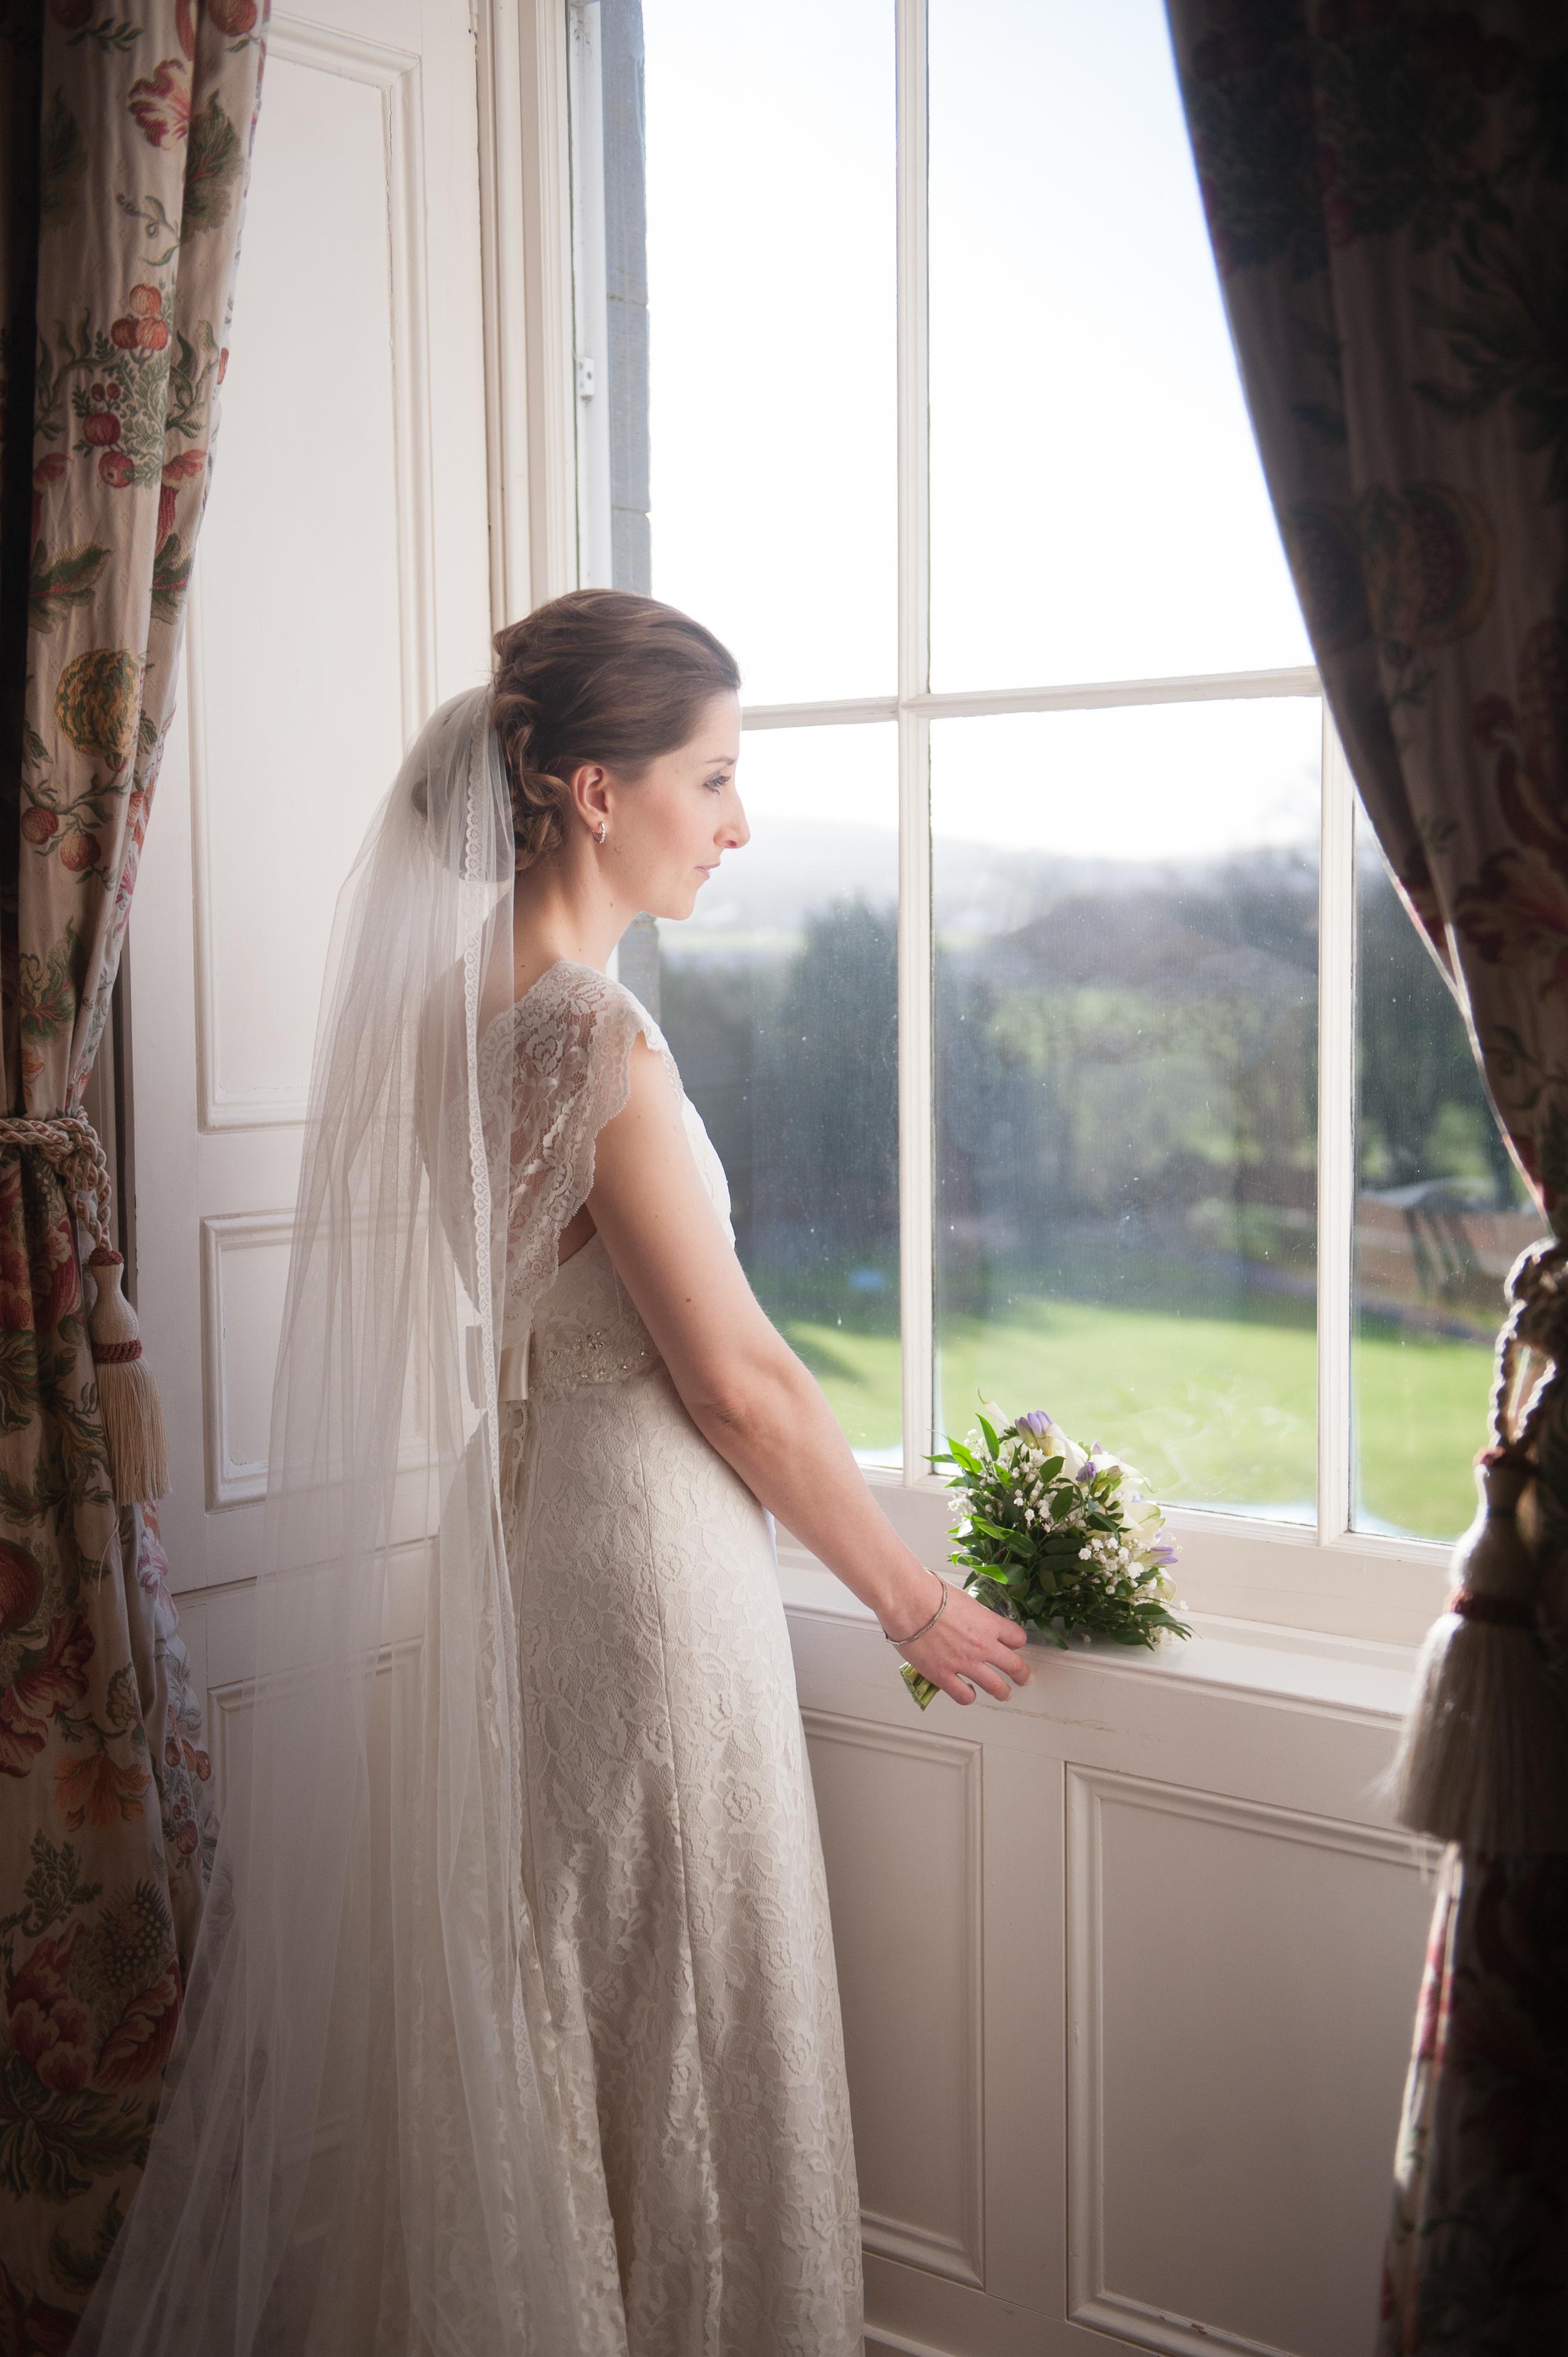 Dress: Ciara Bridal